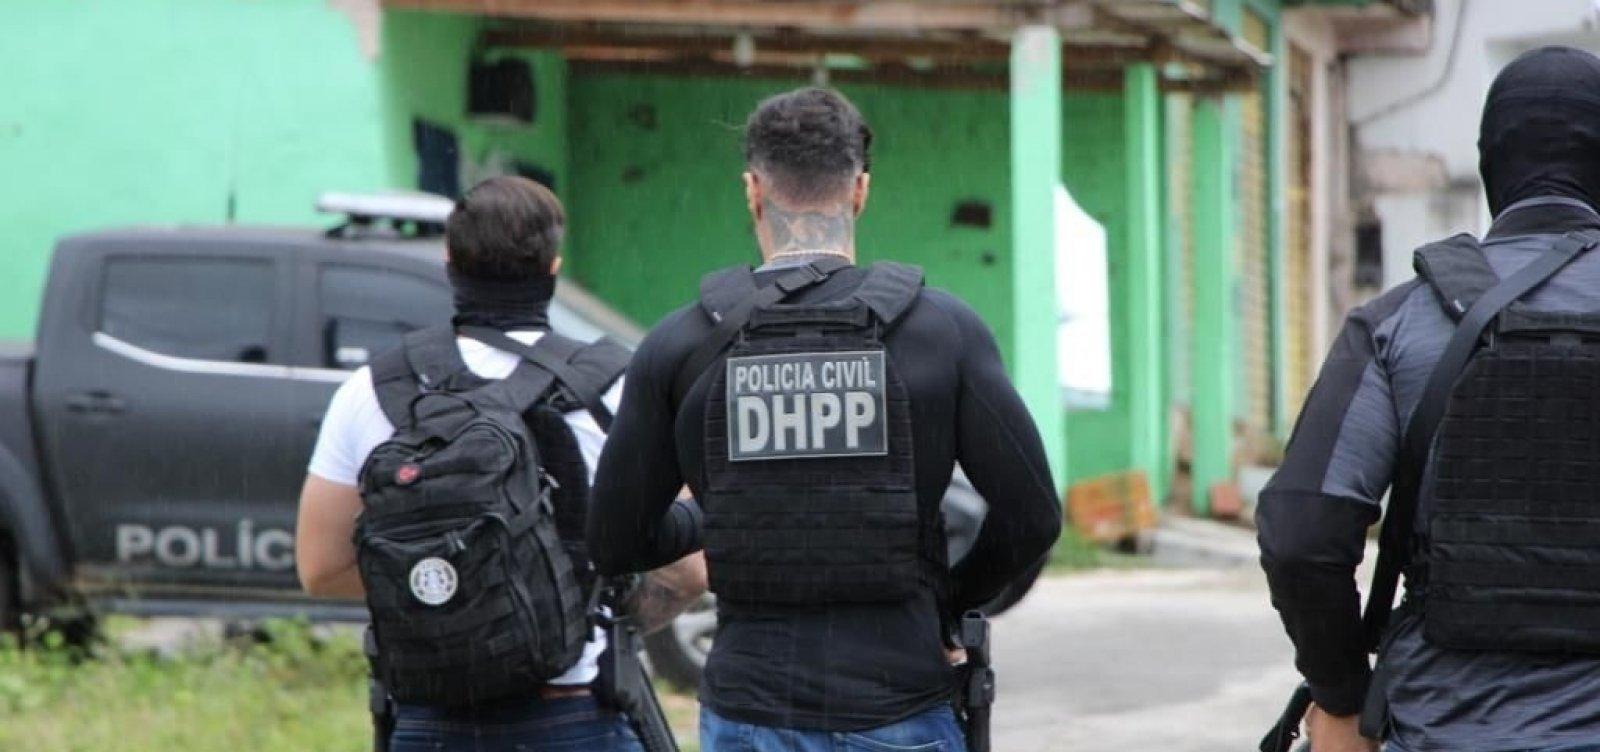 Chacina no Uruguai: briga entre grupos motivou troca de tiros que deixou 6 mortos e 12 feridos